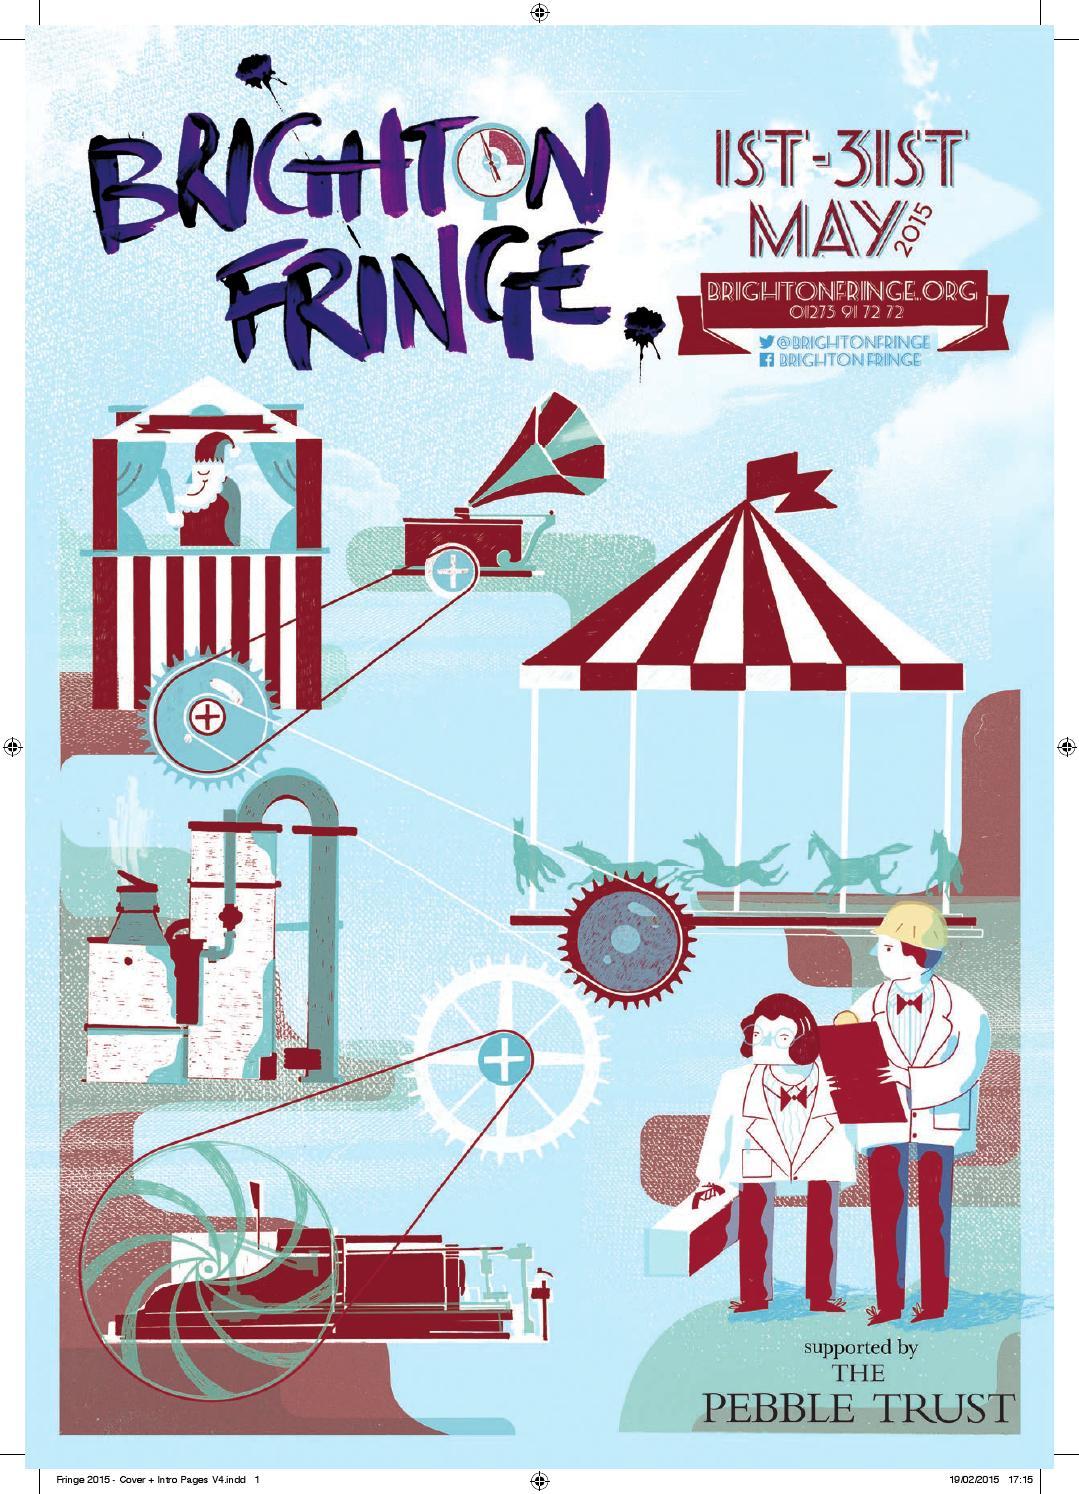 Fringe 2008 by Dublin Fringe Festival.